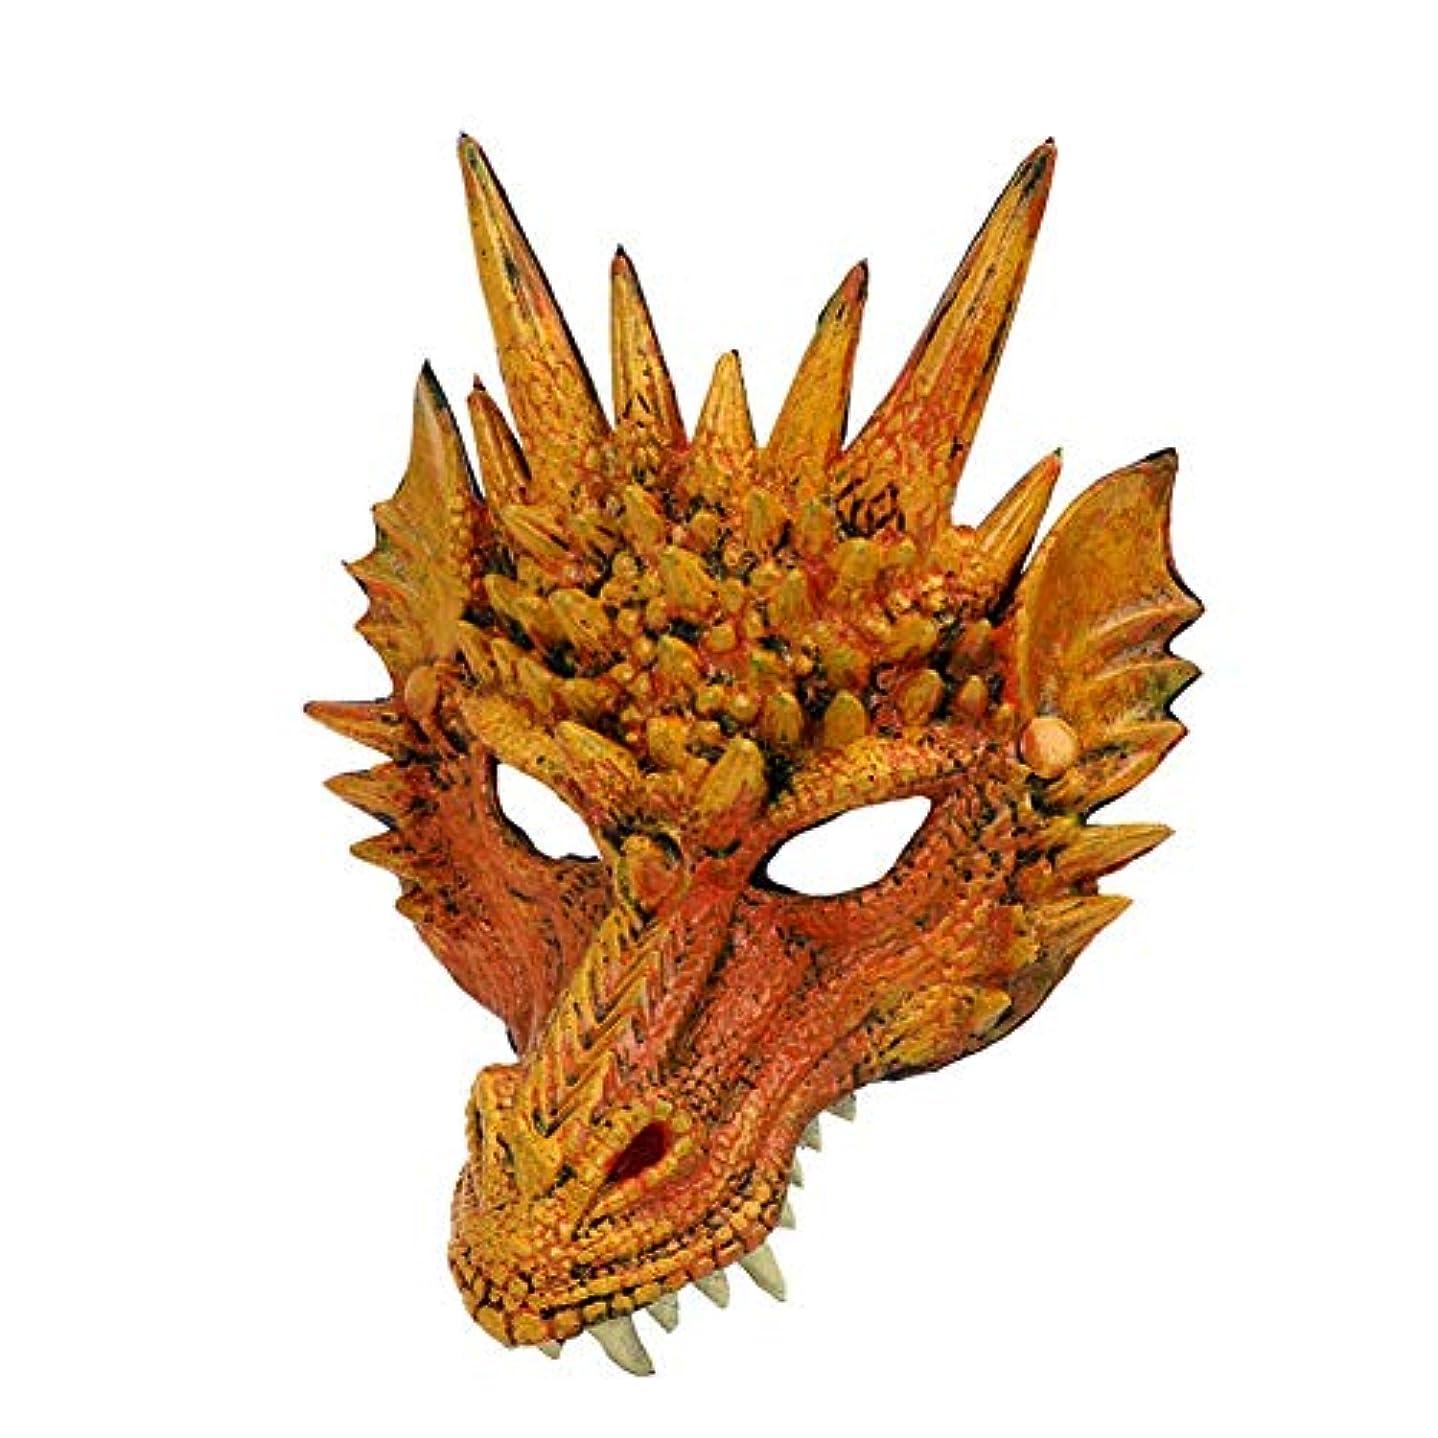 パイプブランチ鉱夫Esolom 4Dドラゴンマスク ハーフマスク 10代の子供のためのハロウィンコスチューム パーティーの装飾 テーマパーティー用品 ドラゴンコスプレ小道具